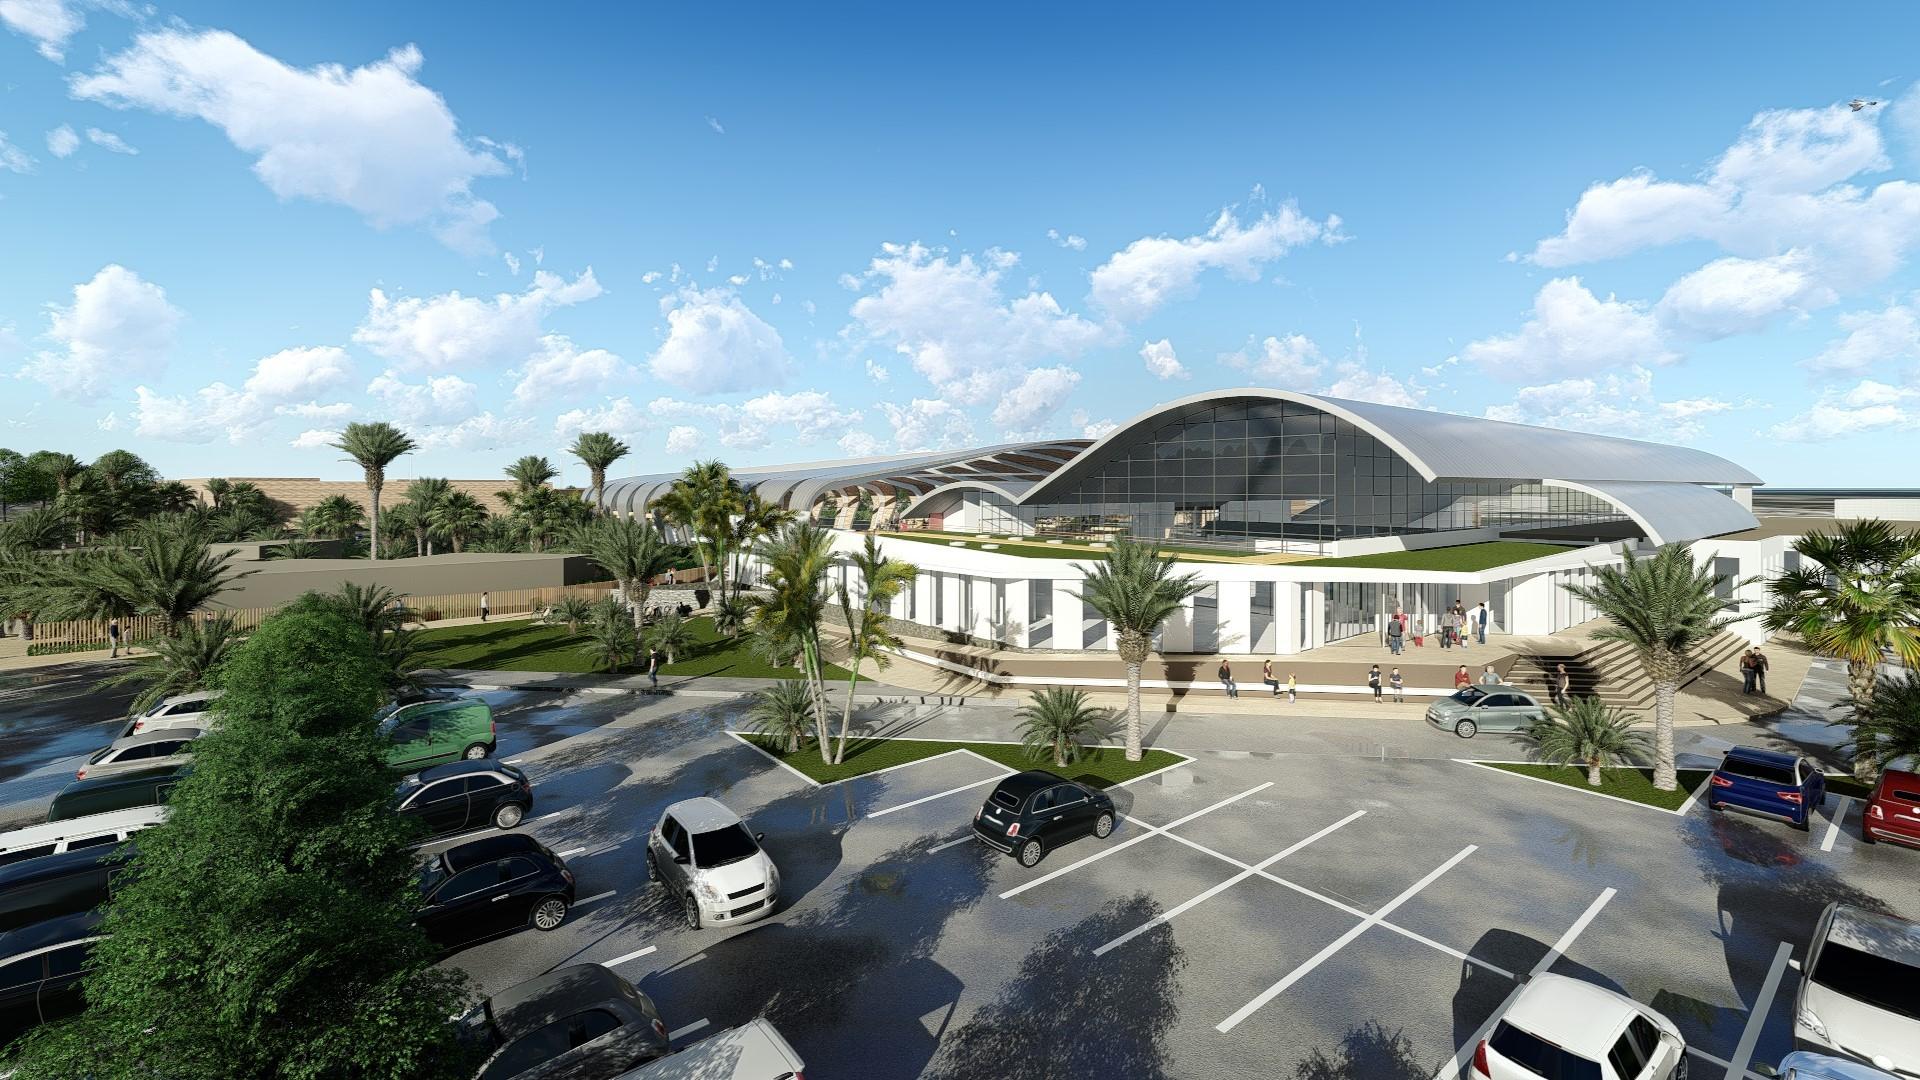 Centre Balnéaire Raoul Fonquerne - Sète (34)   Oteis encequiconcerne Piscine Fonquerne Sete